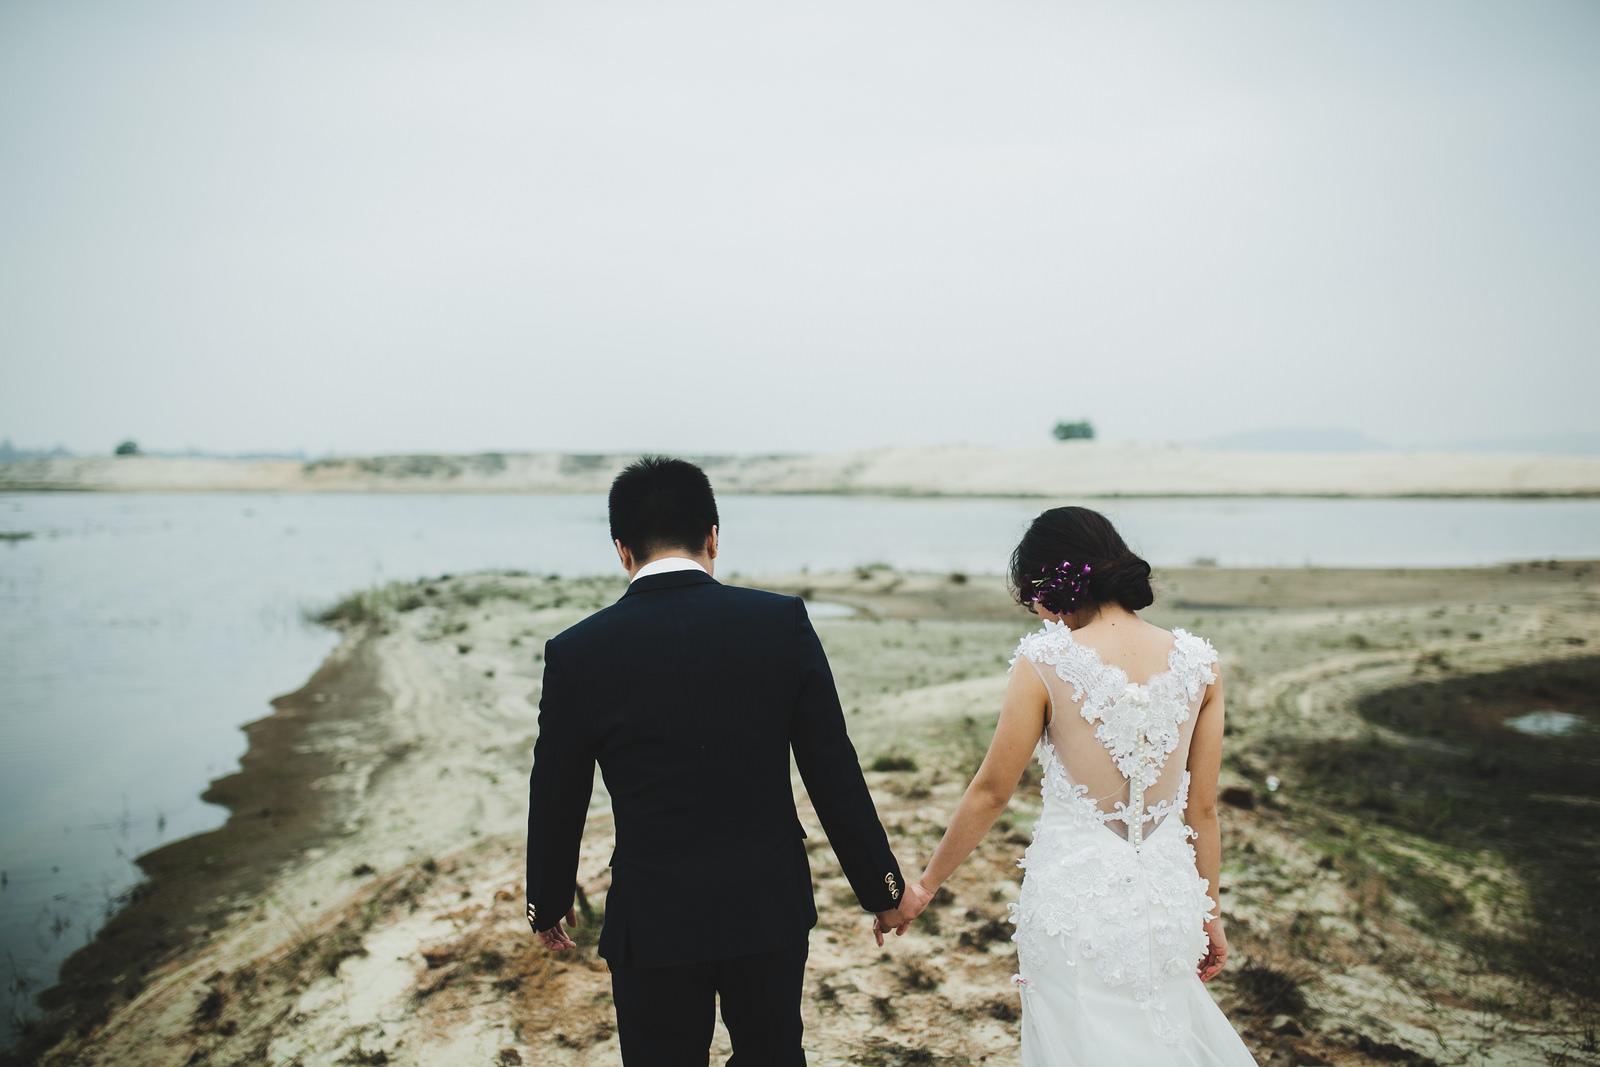 Đàn bà lấy chồng chỉ sợ trái tim của người đàn ông không còn hướng về mình Ảnh 4